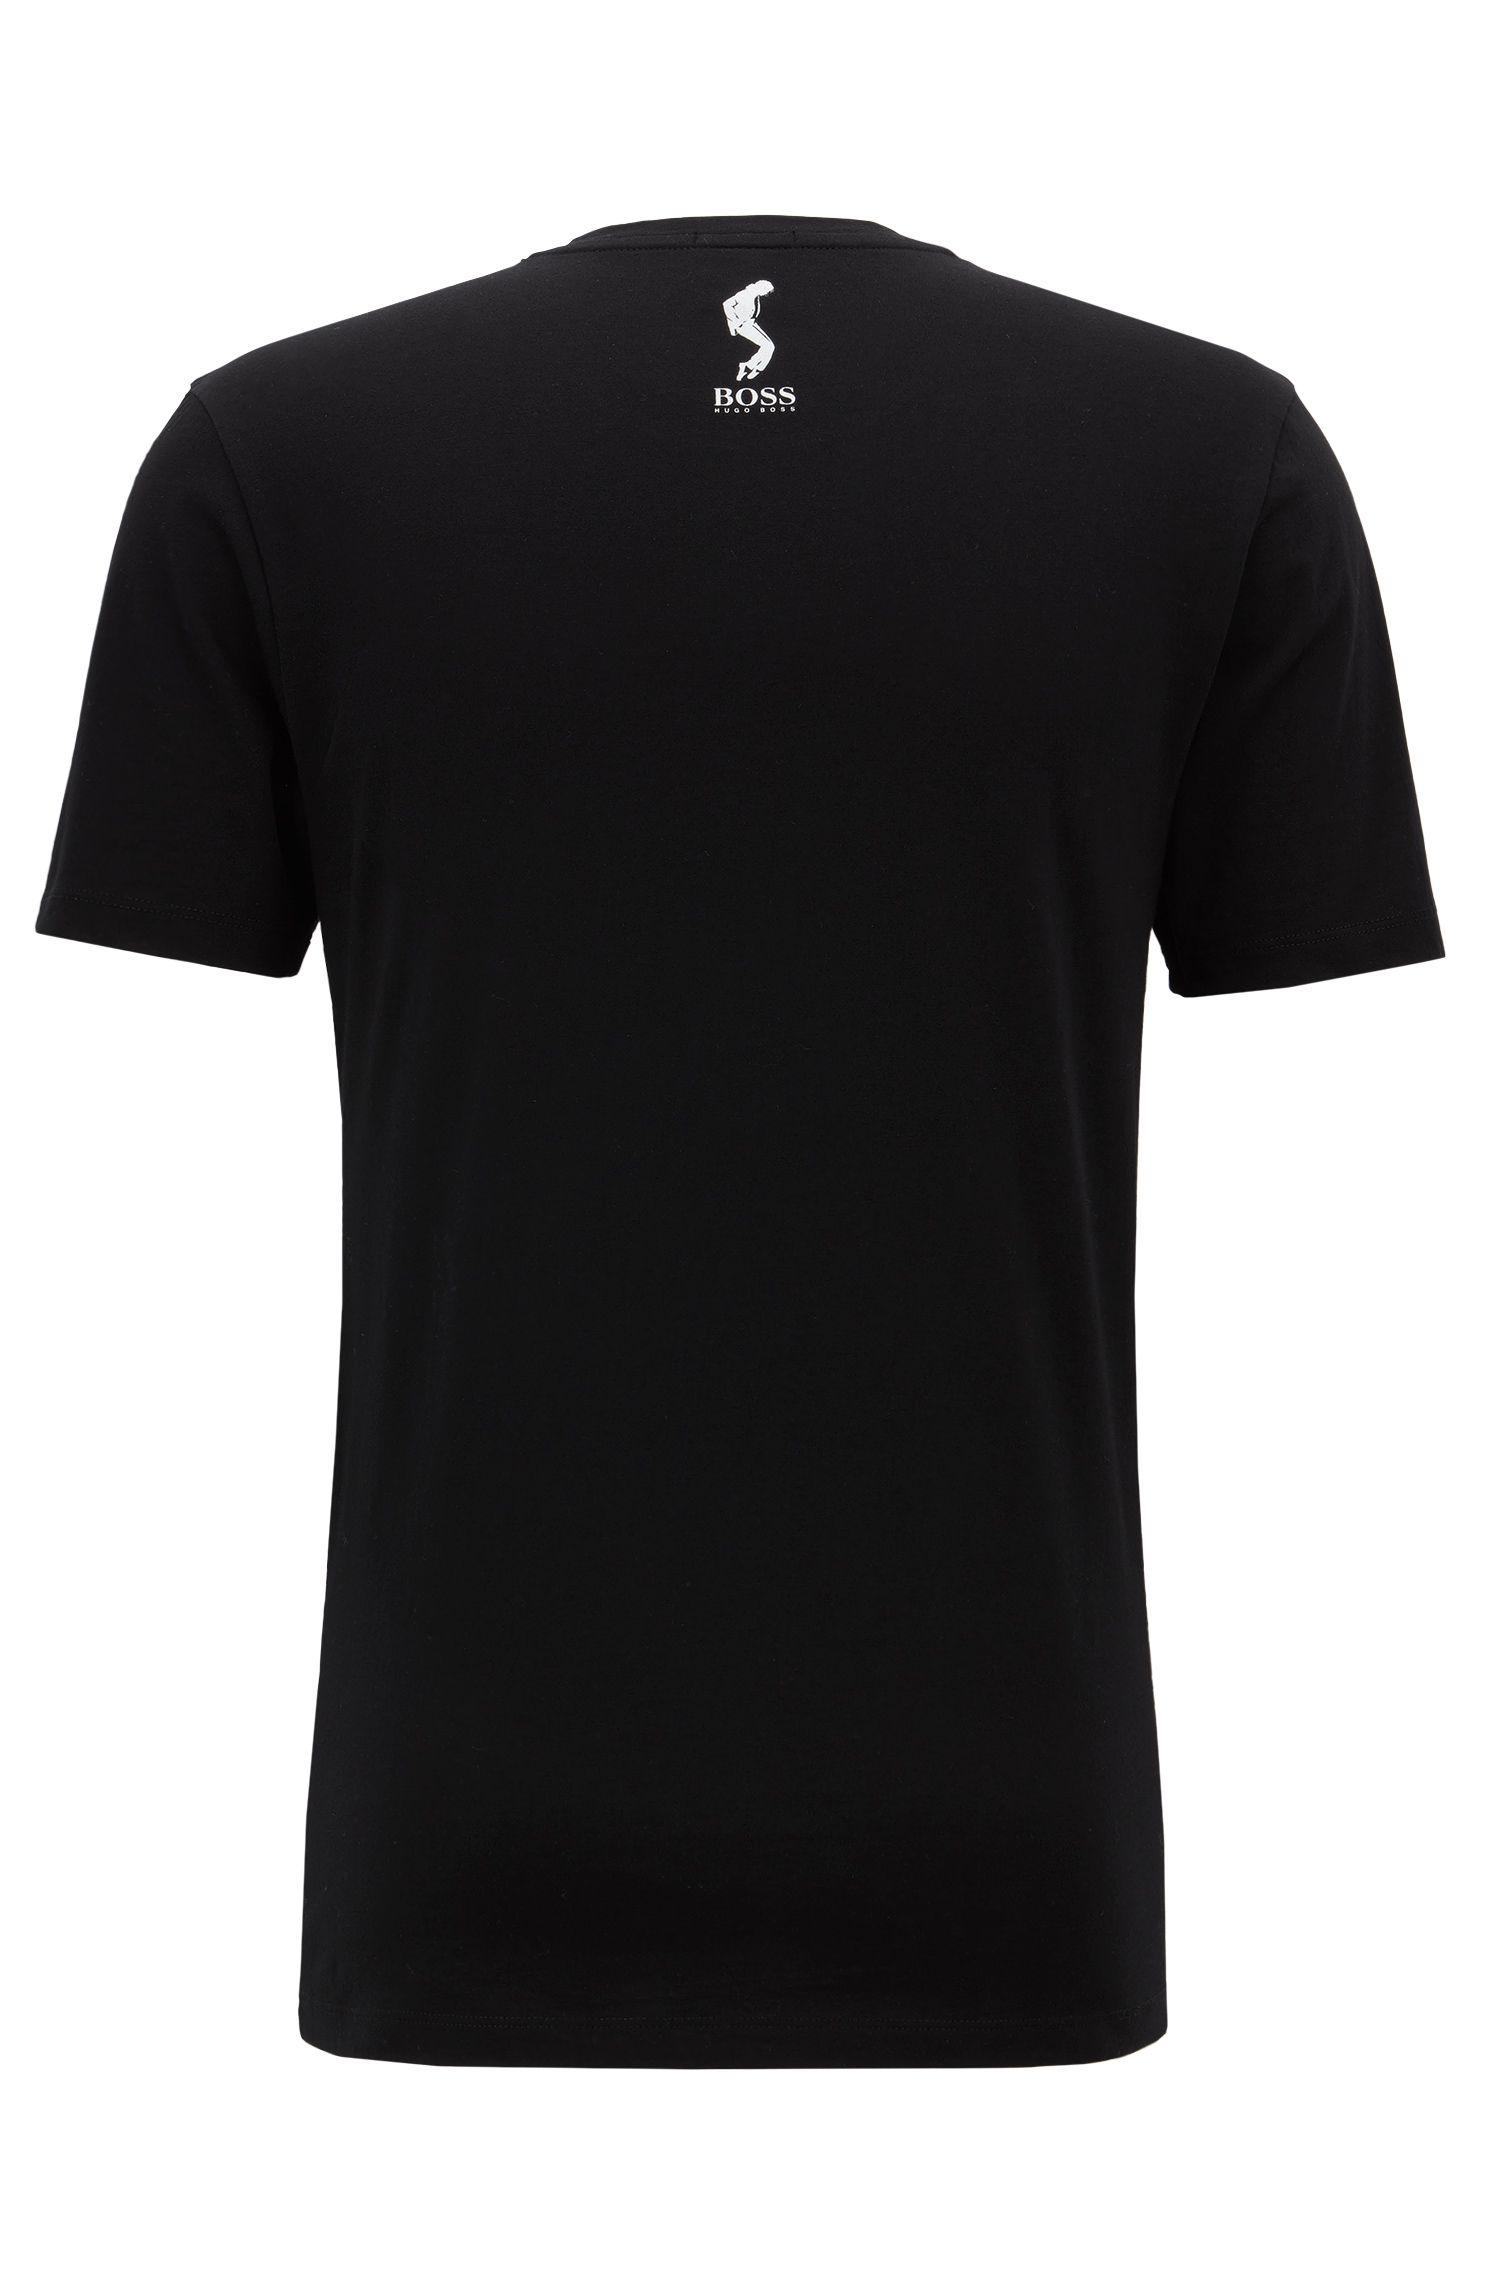 Unisex T-Shirt aus Baumwolle mit Michael-Jackson-Kunstmotiv, Schwarz